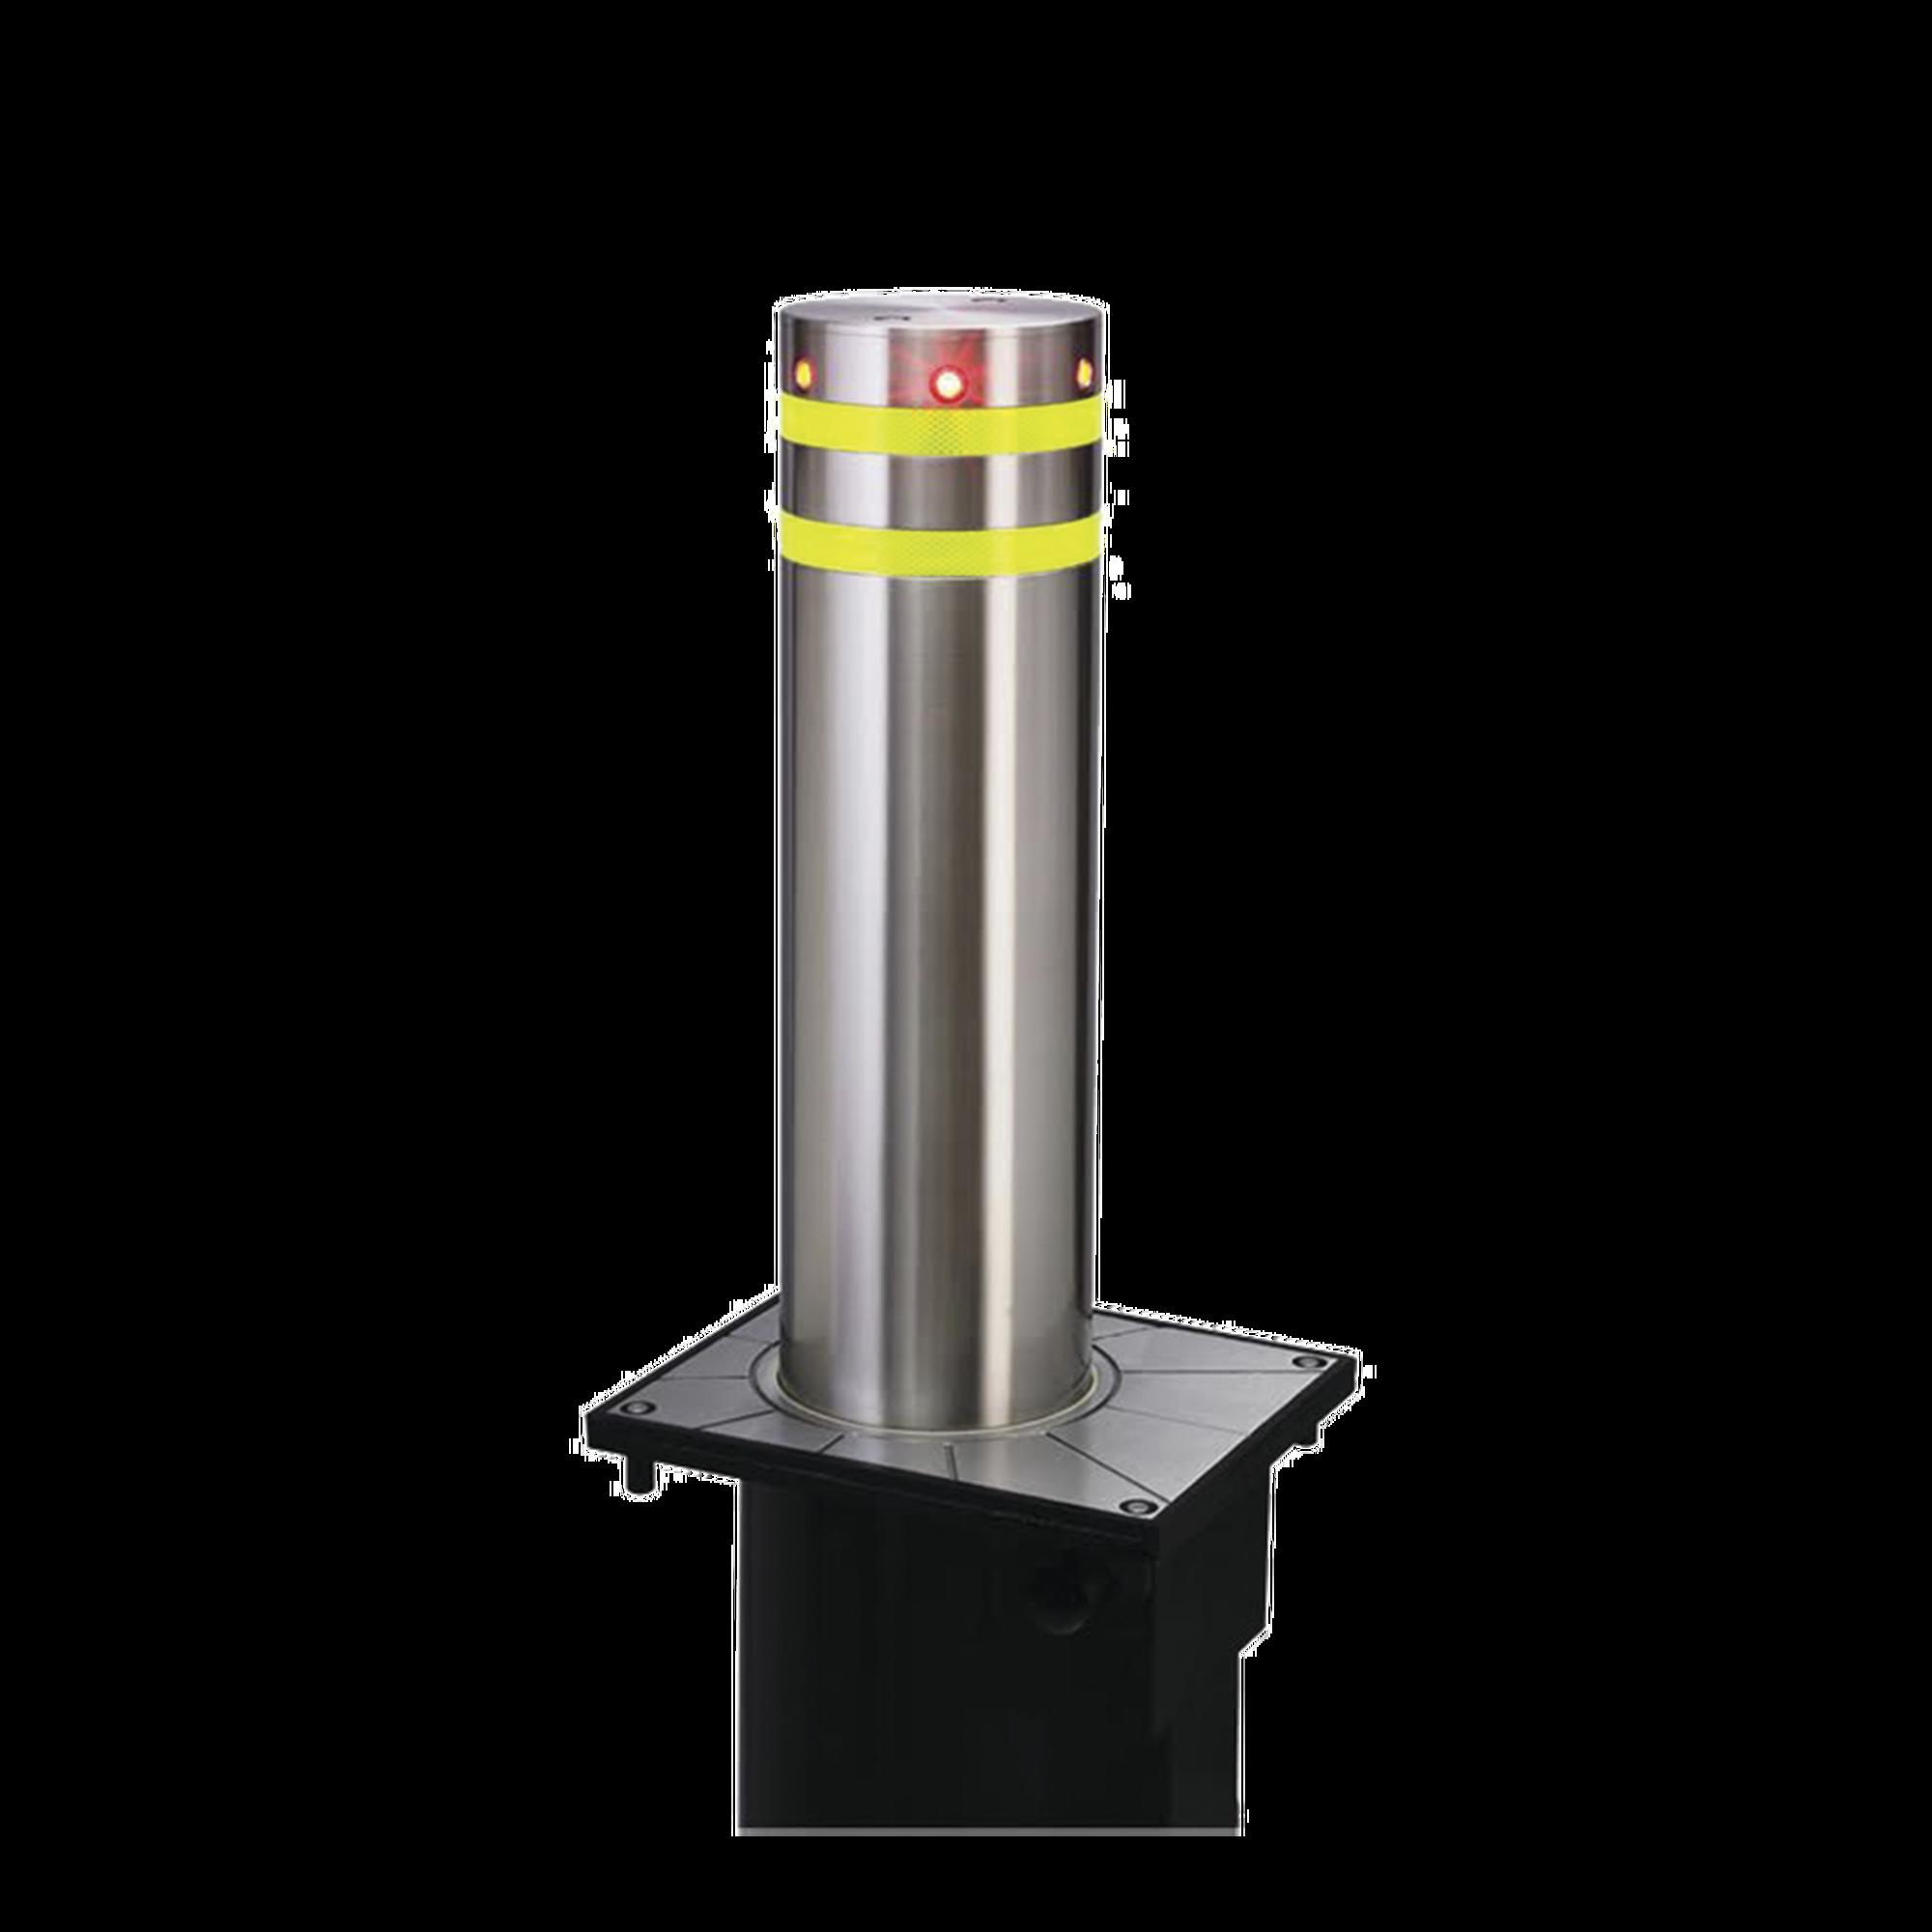 Bolardo neumatico de acero inoxidable / 220 mm de diametro / 750 mm de altura / acabado elegante con iluminacion led color rojo